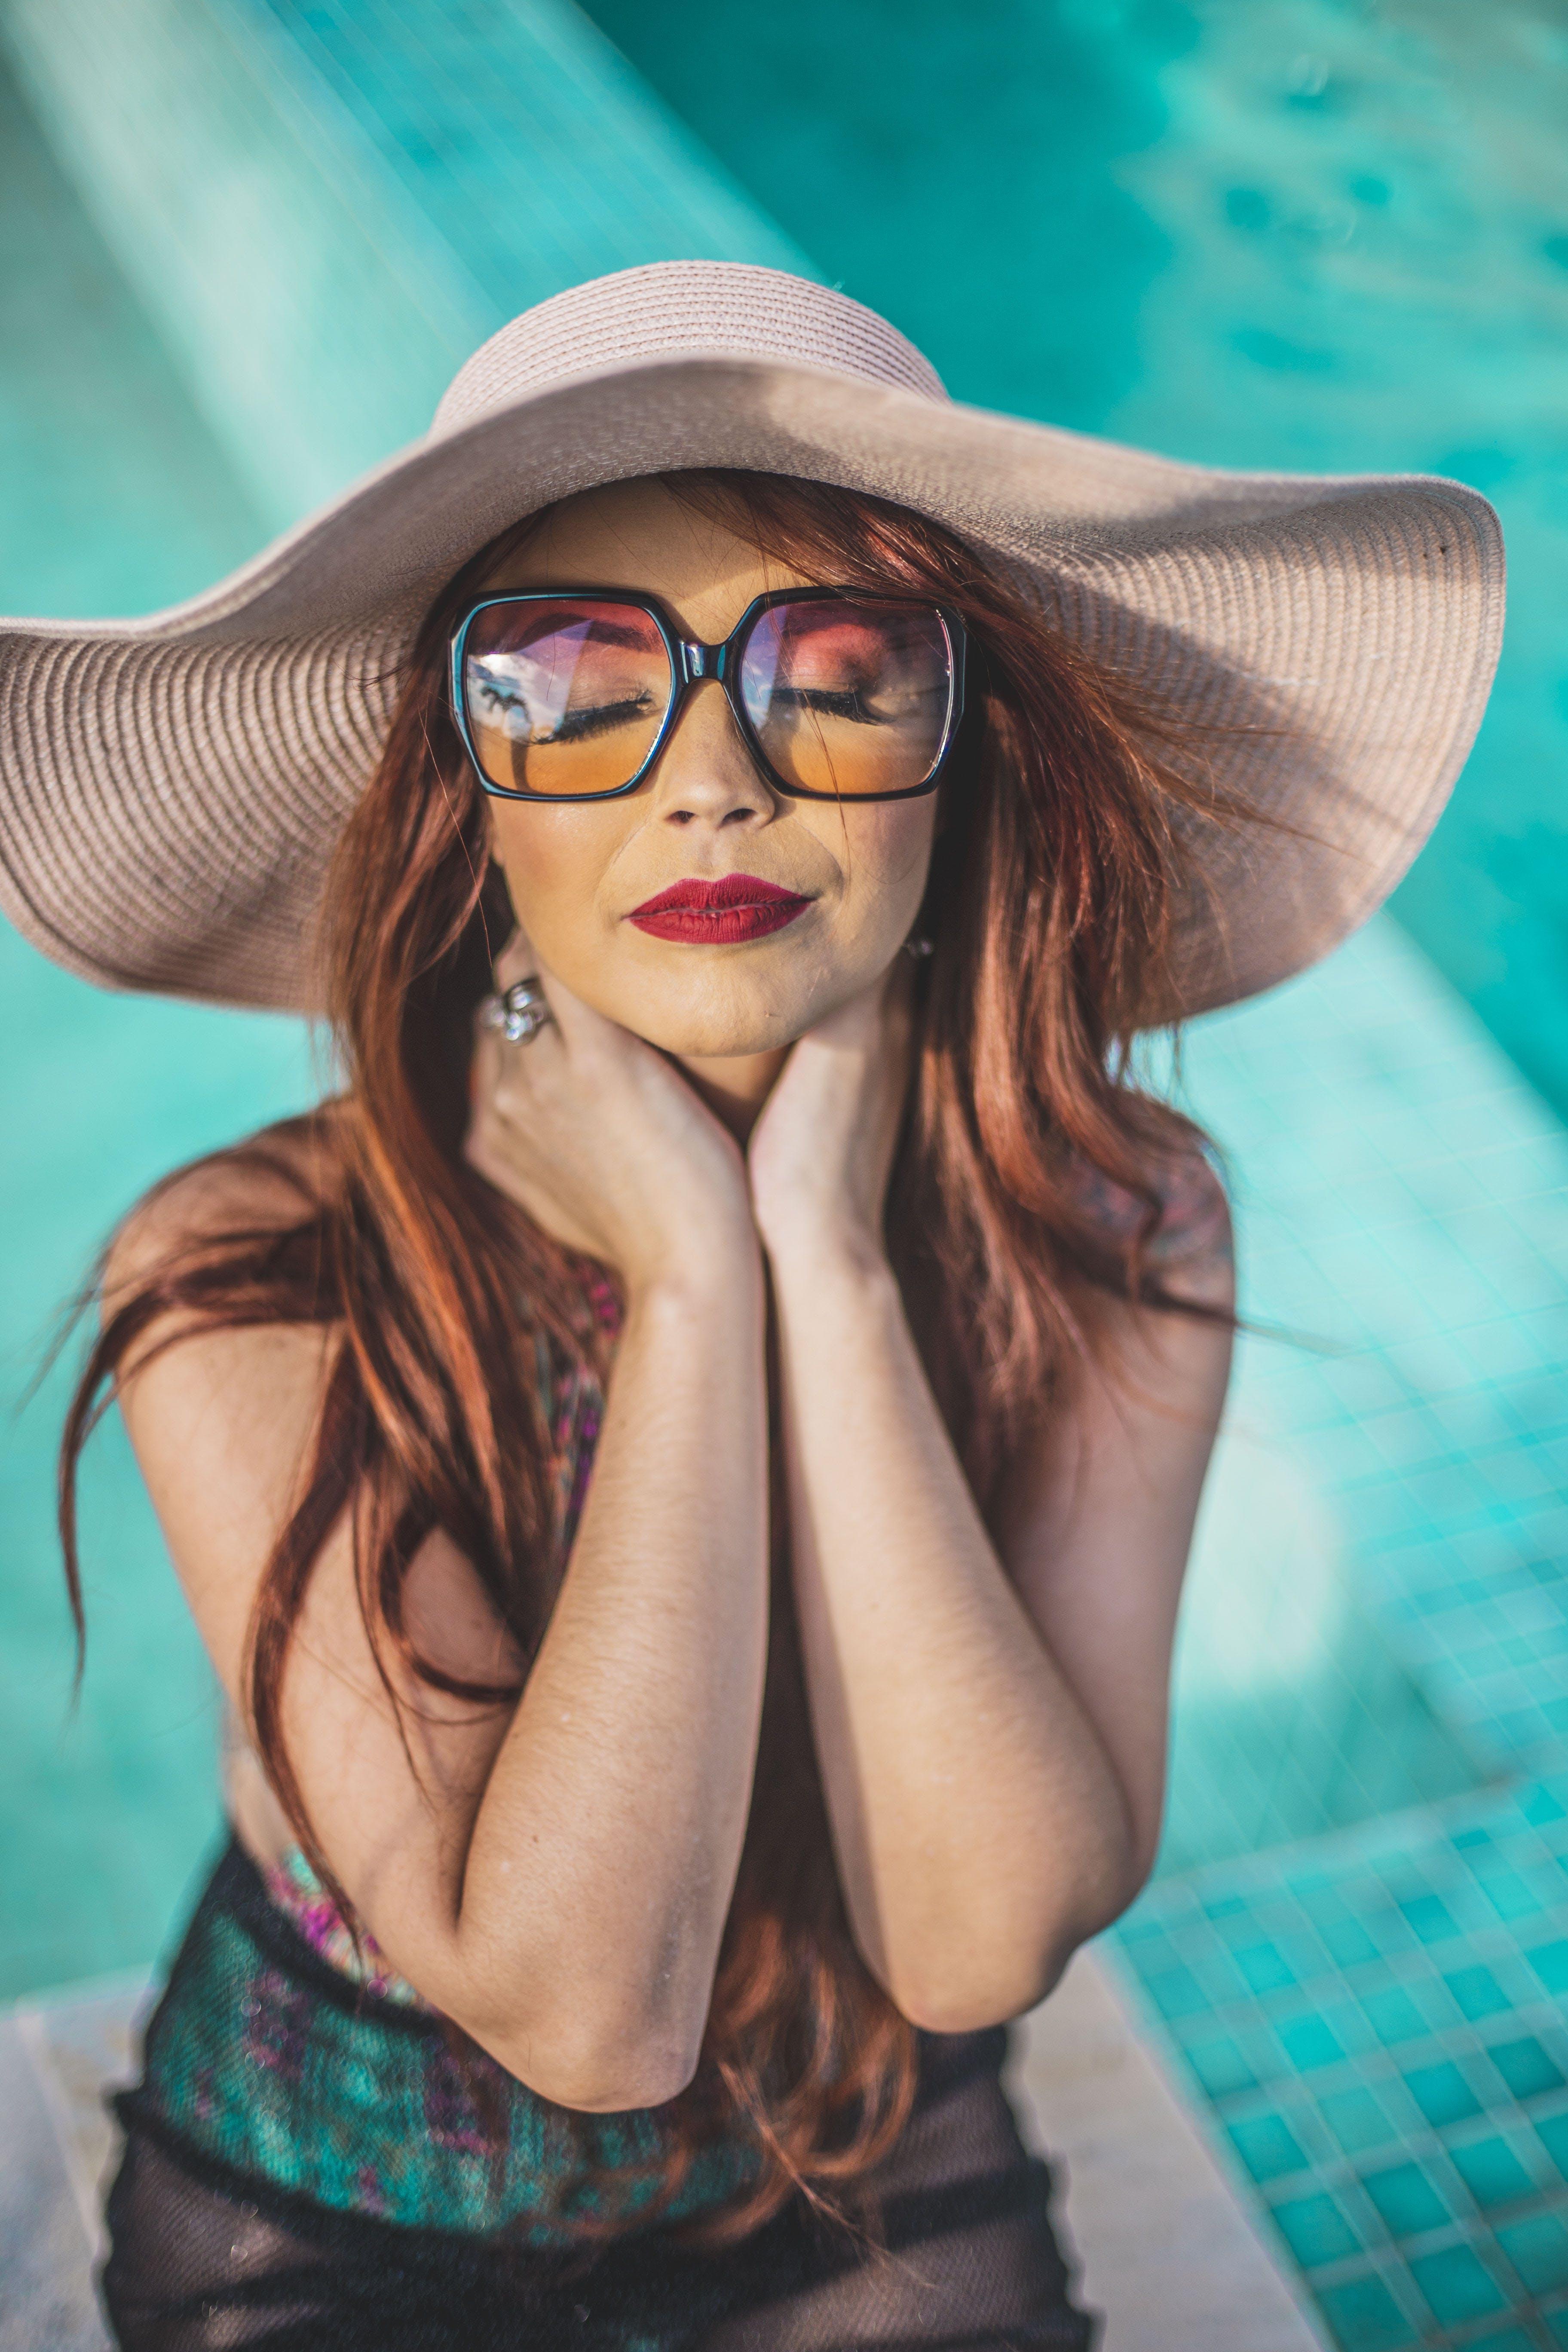 Kostenloses Stock Foto zu attraktiv, brillen, dame, fashion